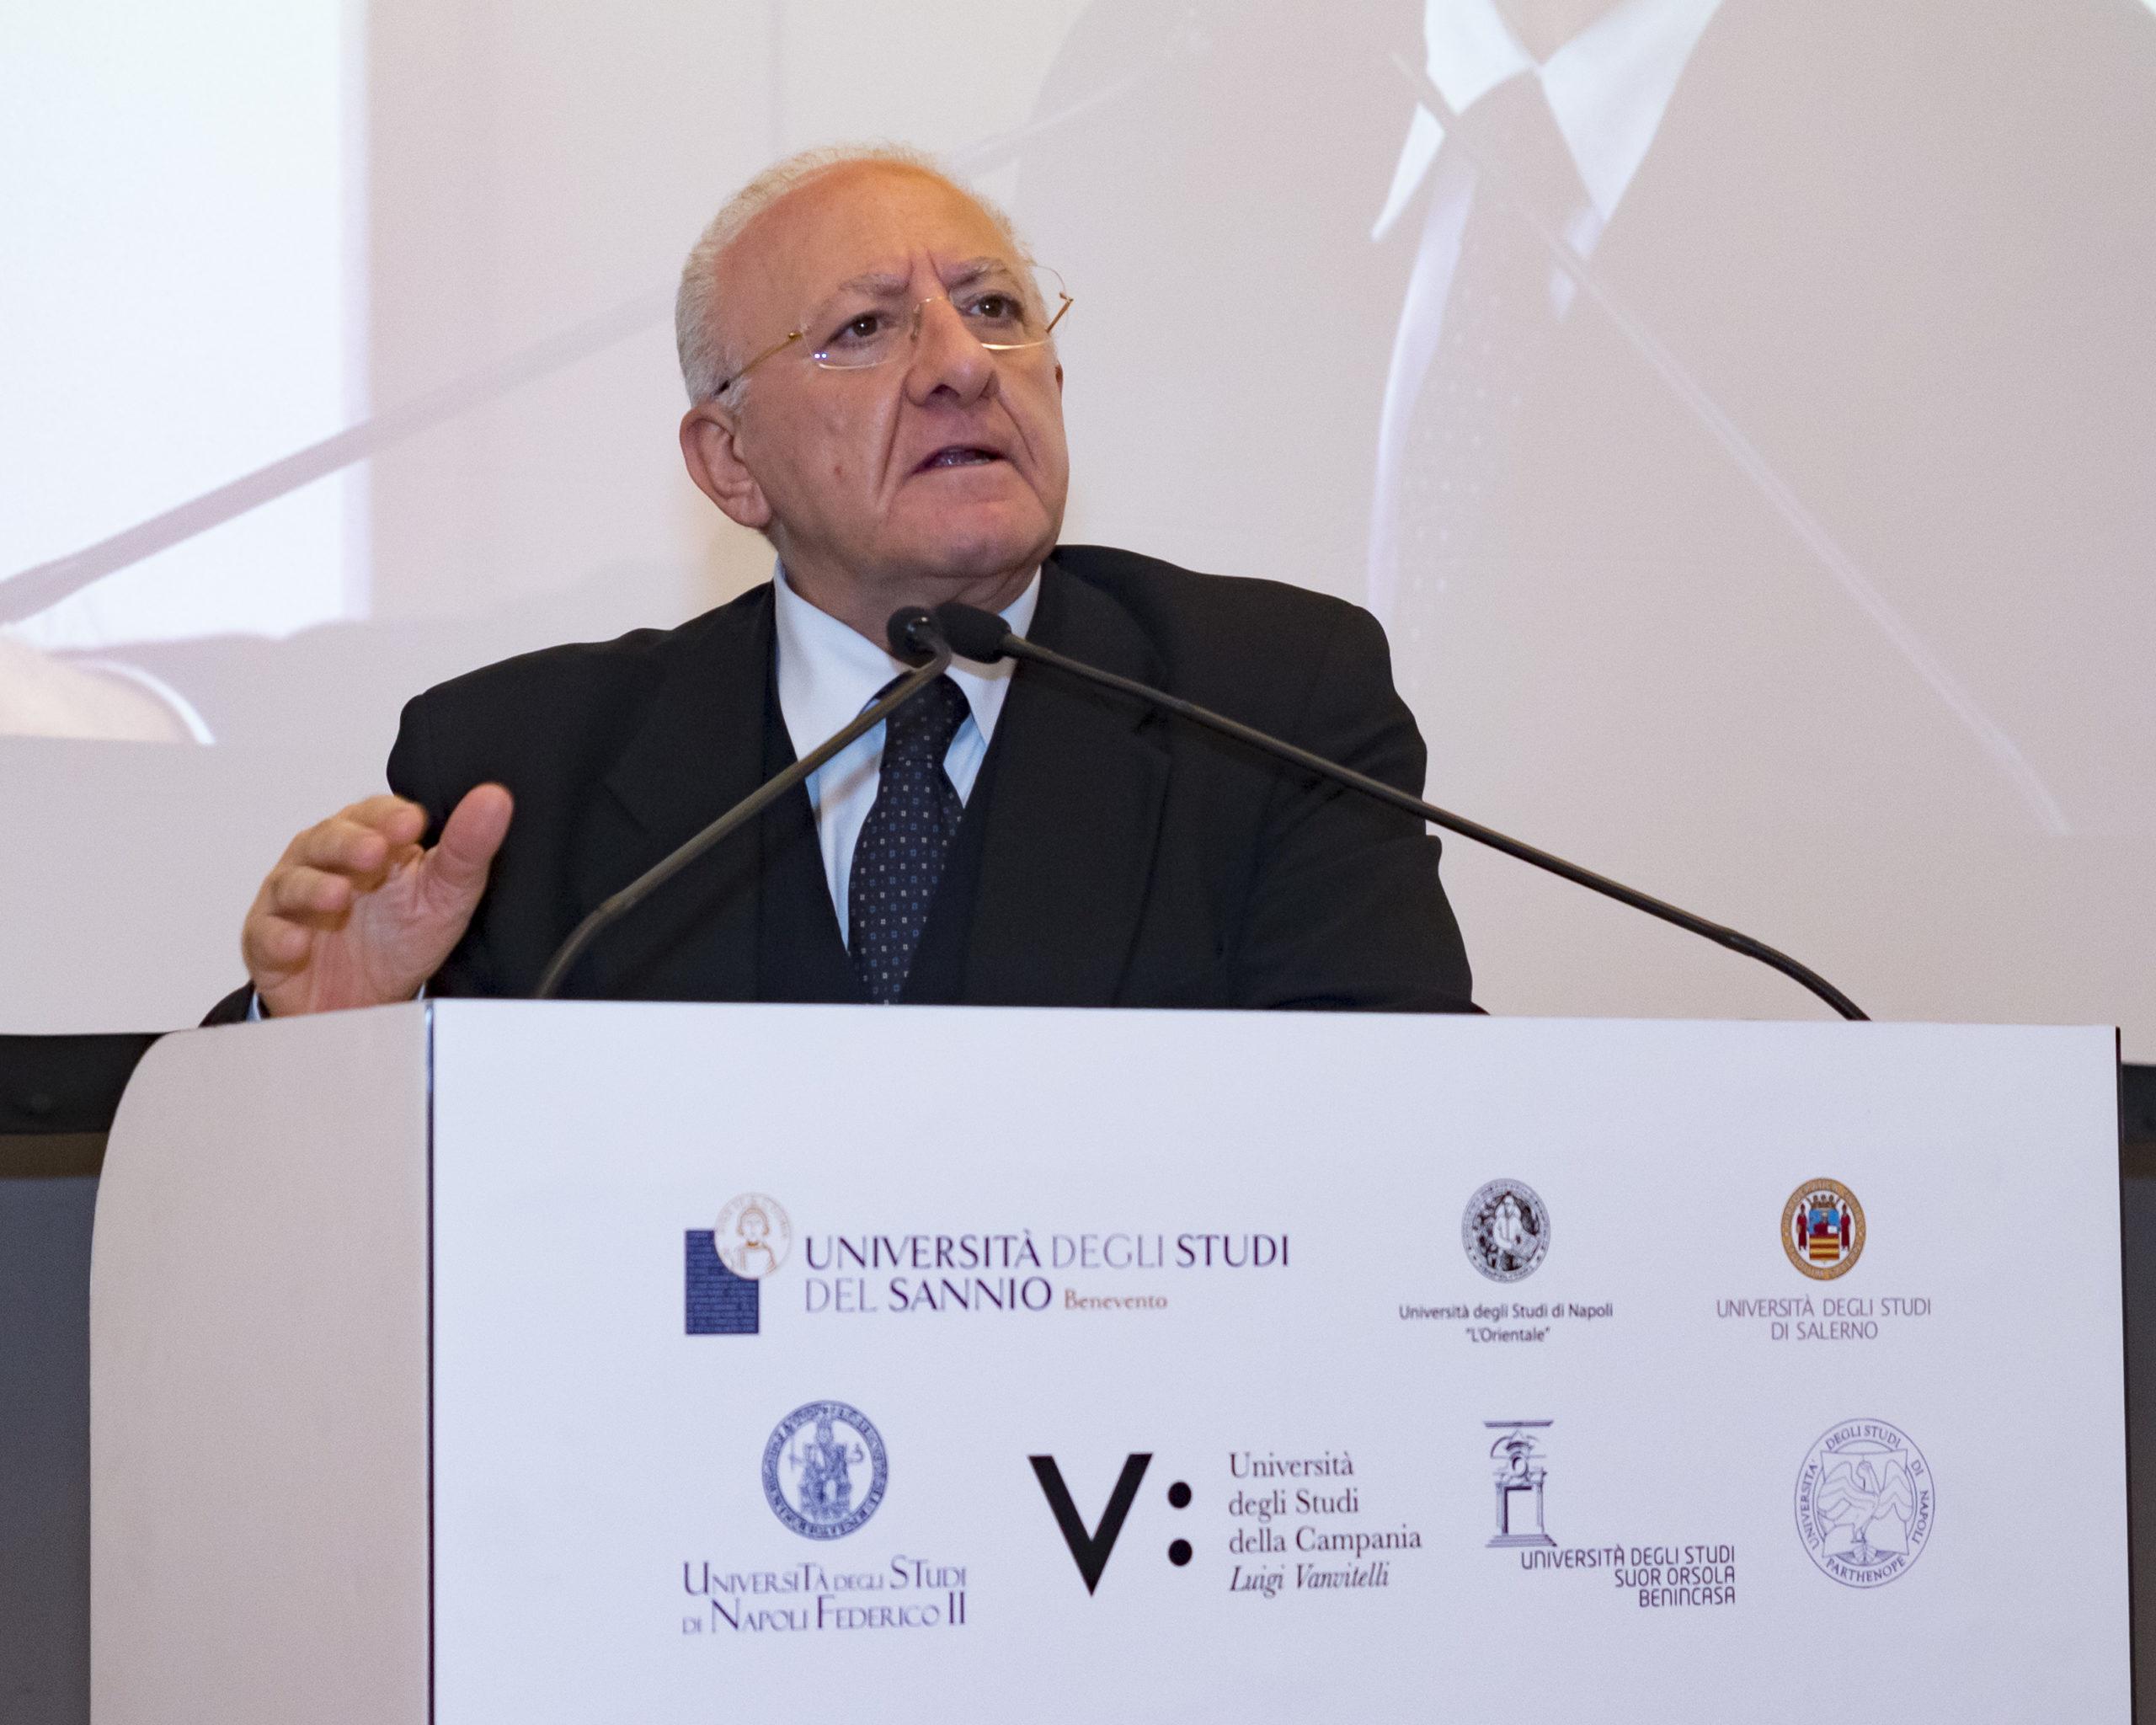 Intervento Del Presidente Della Regione Campania, Vincenzo De Luca